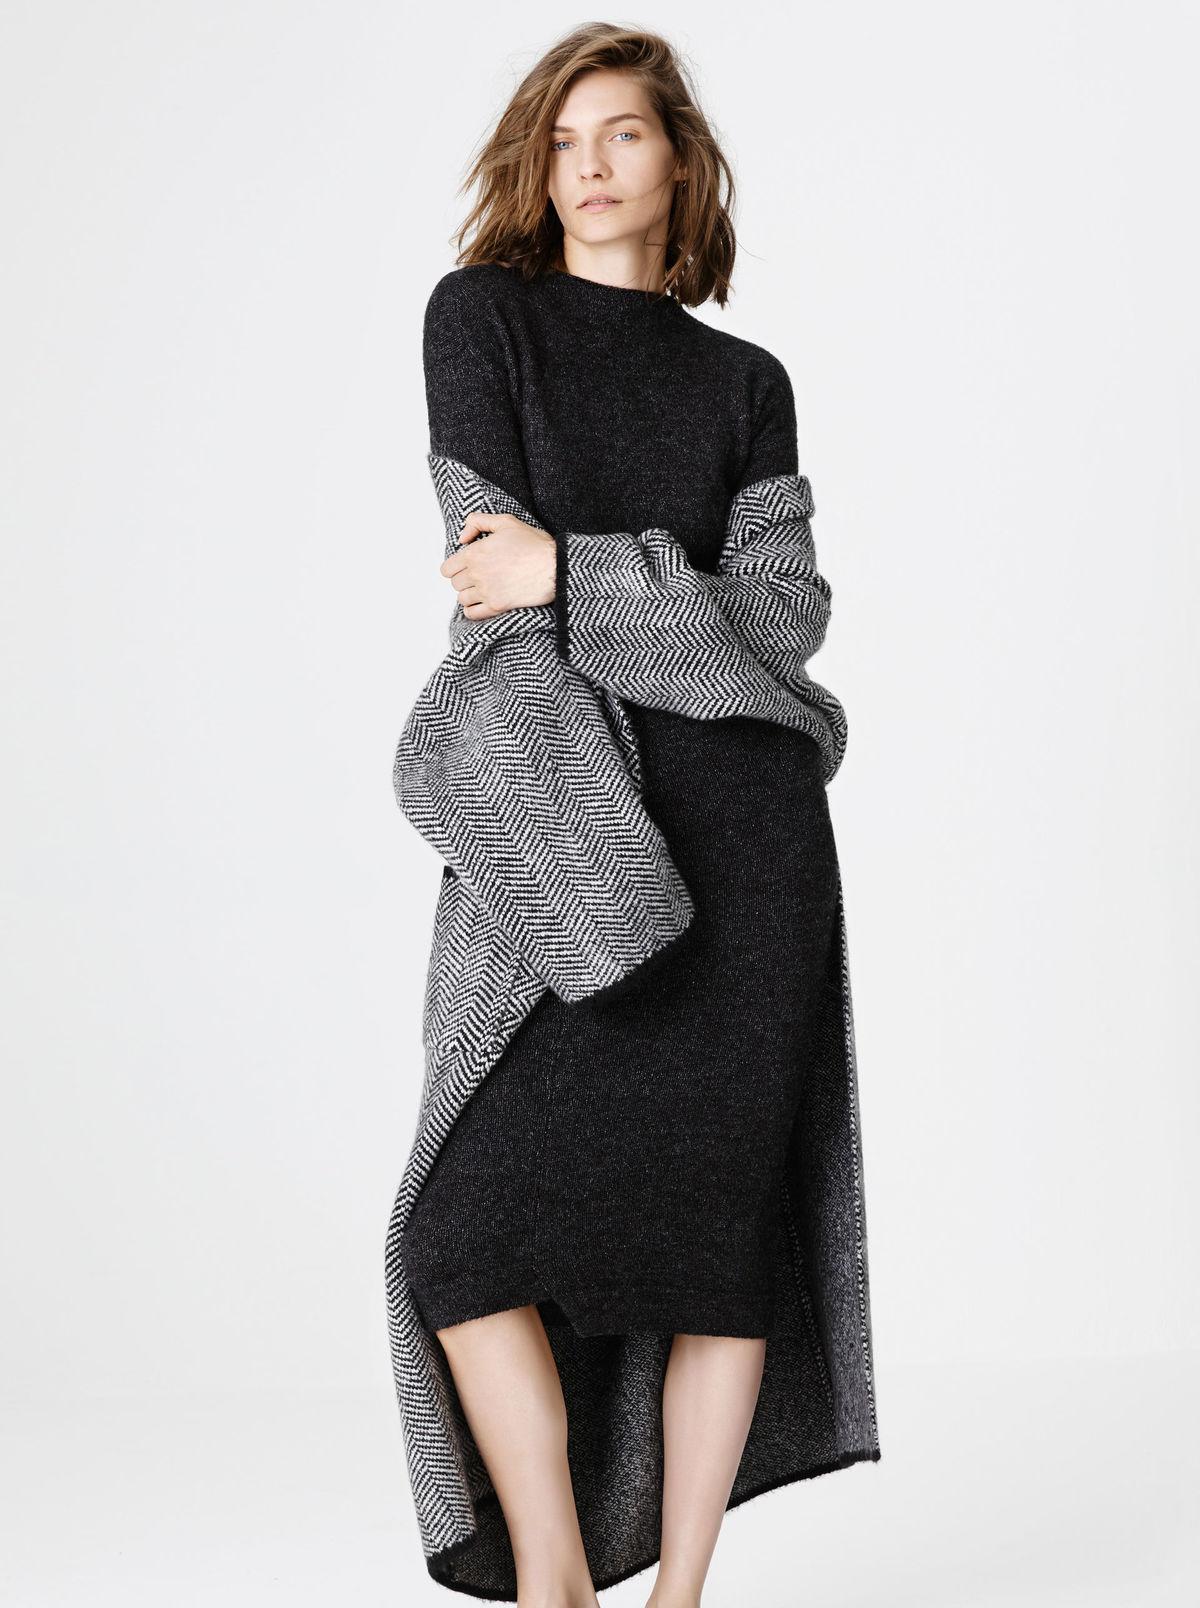 tendencias-de-moda-otono-invierno-2014-2015